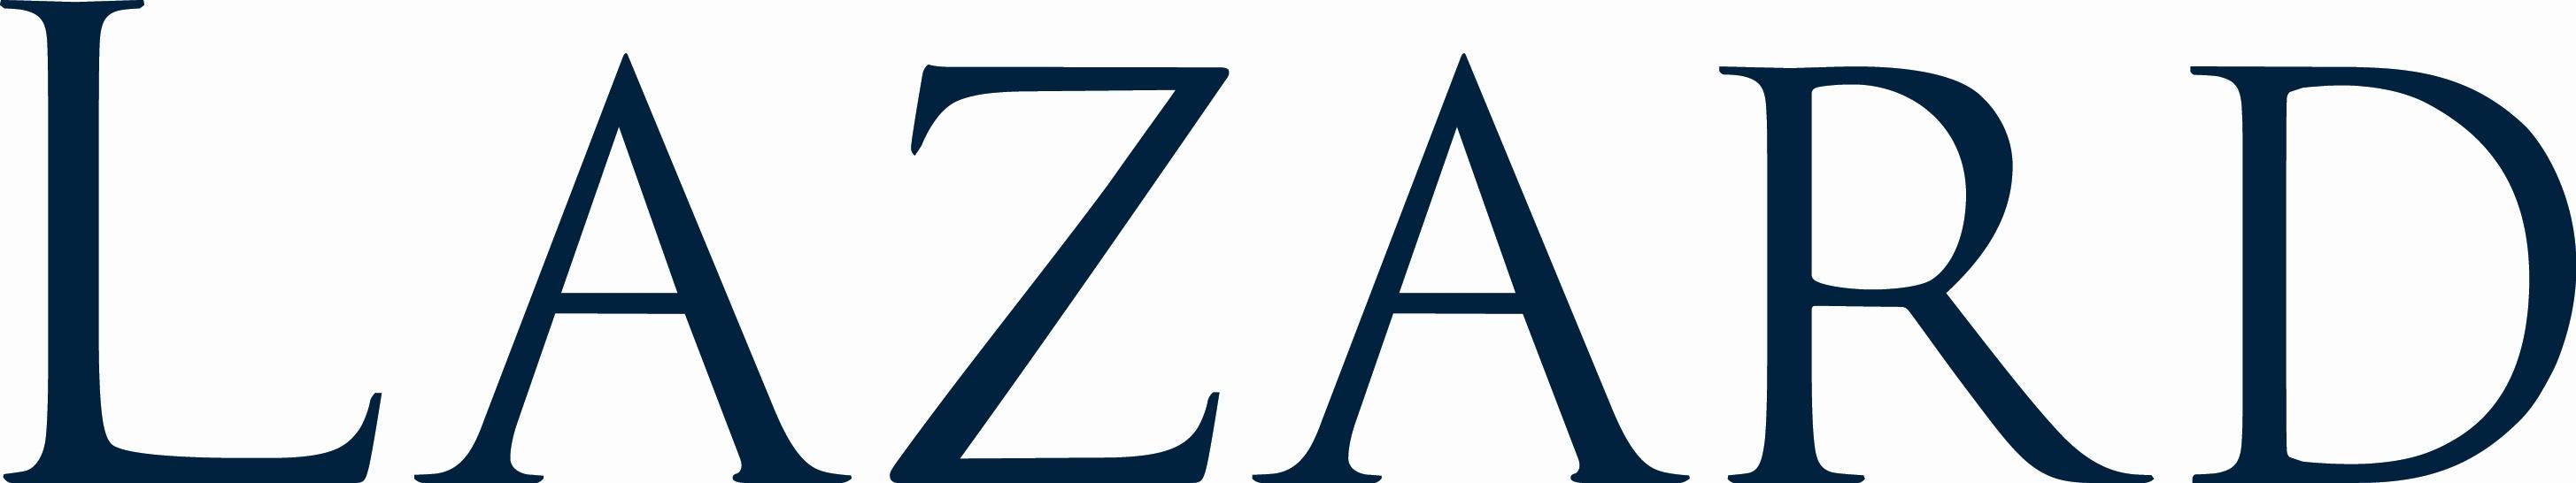 Lazard_Corporate_small